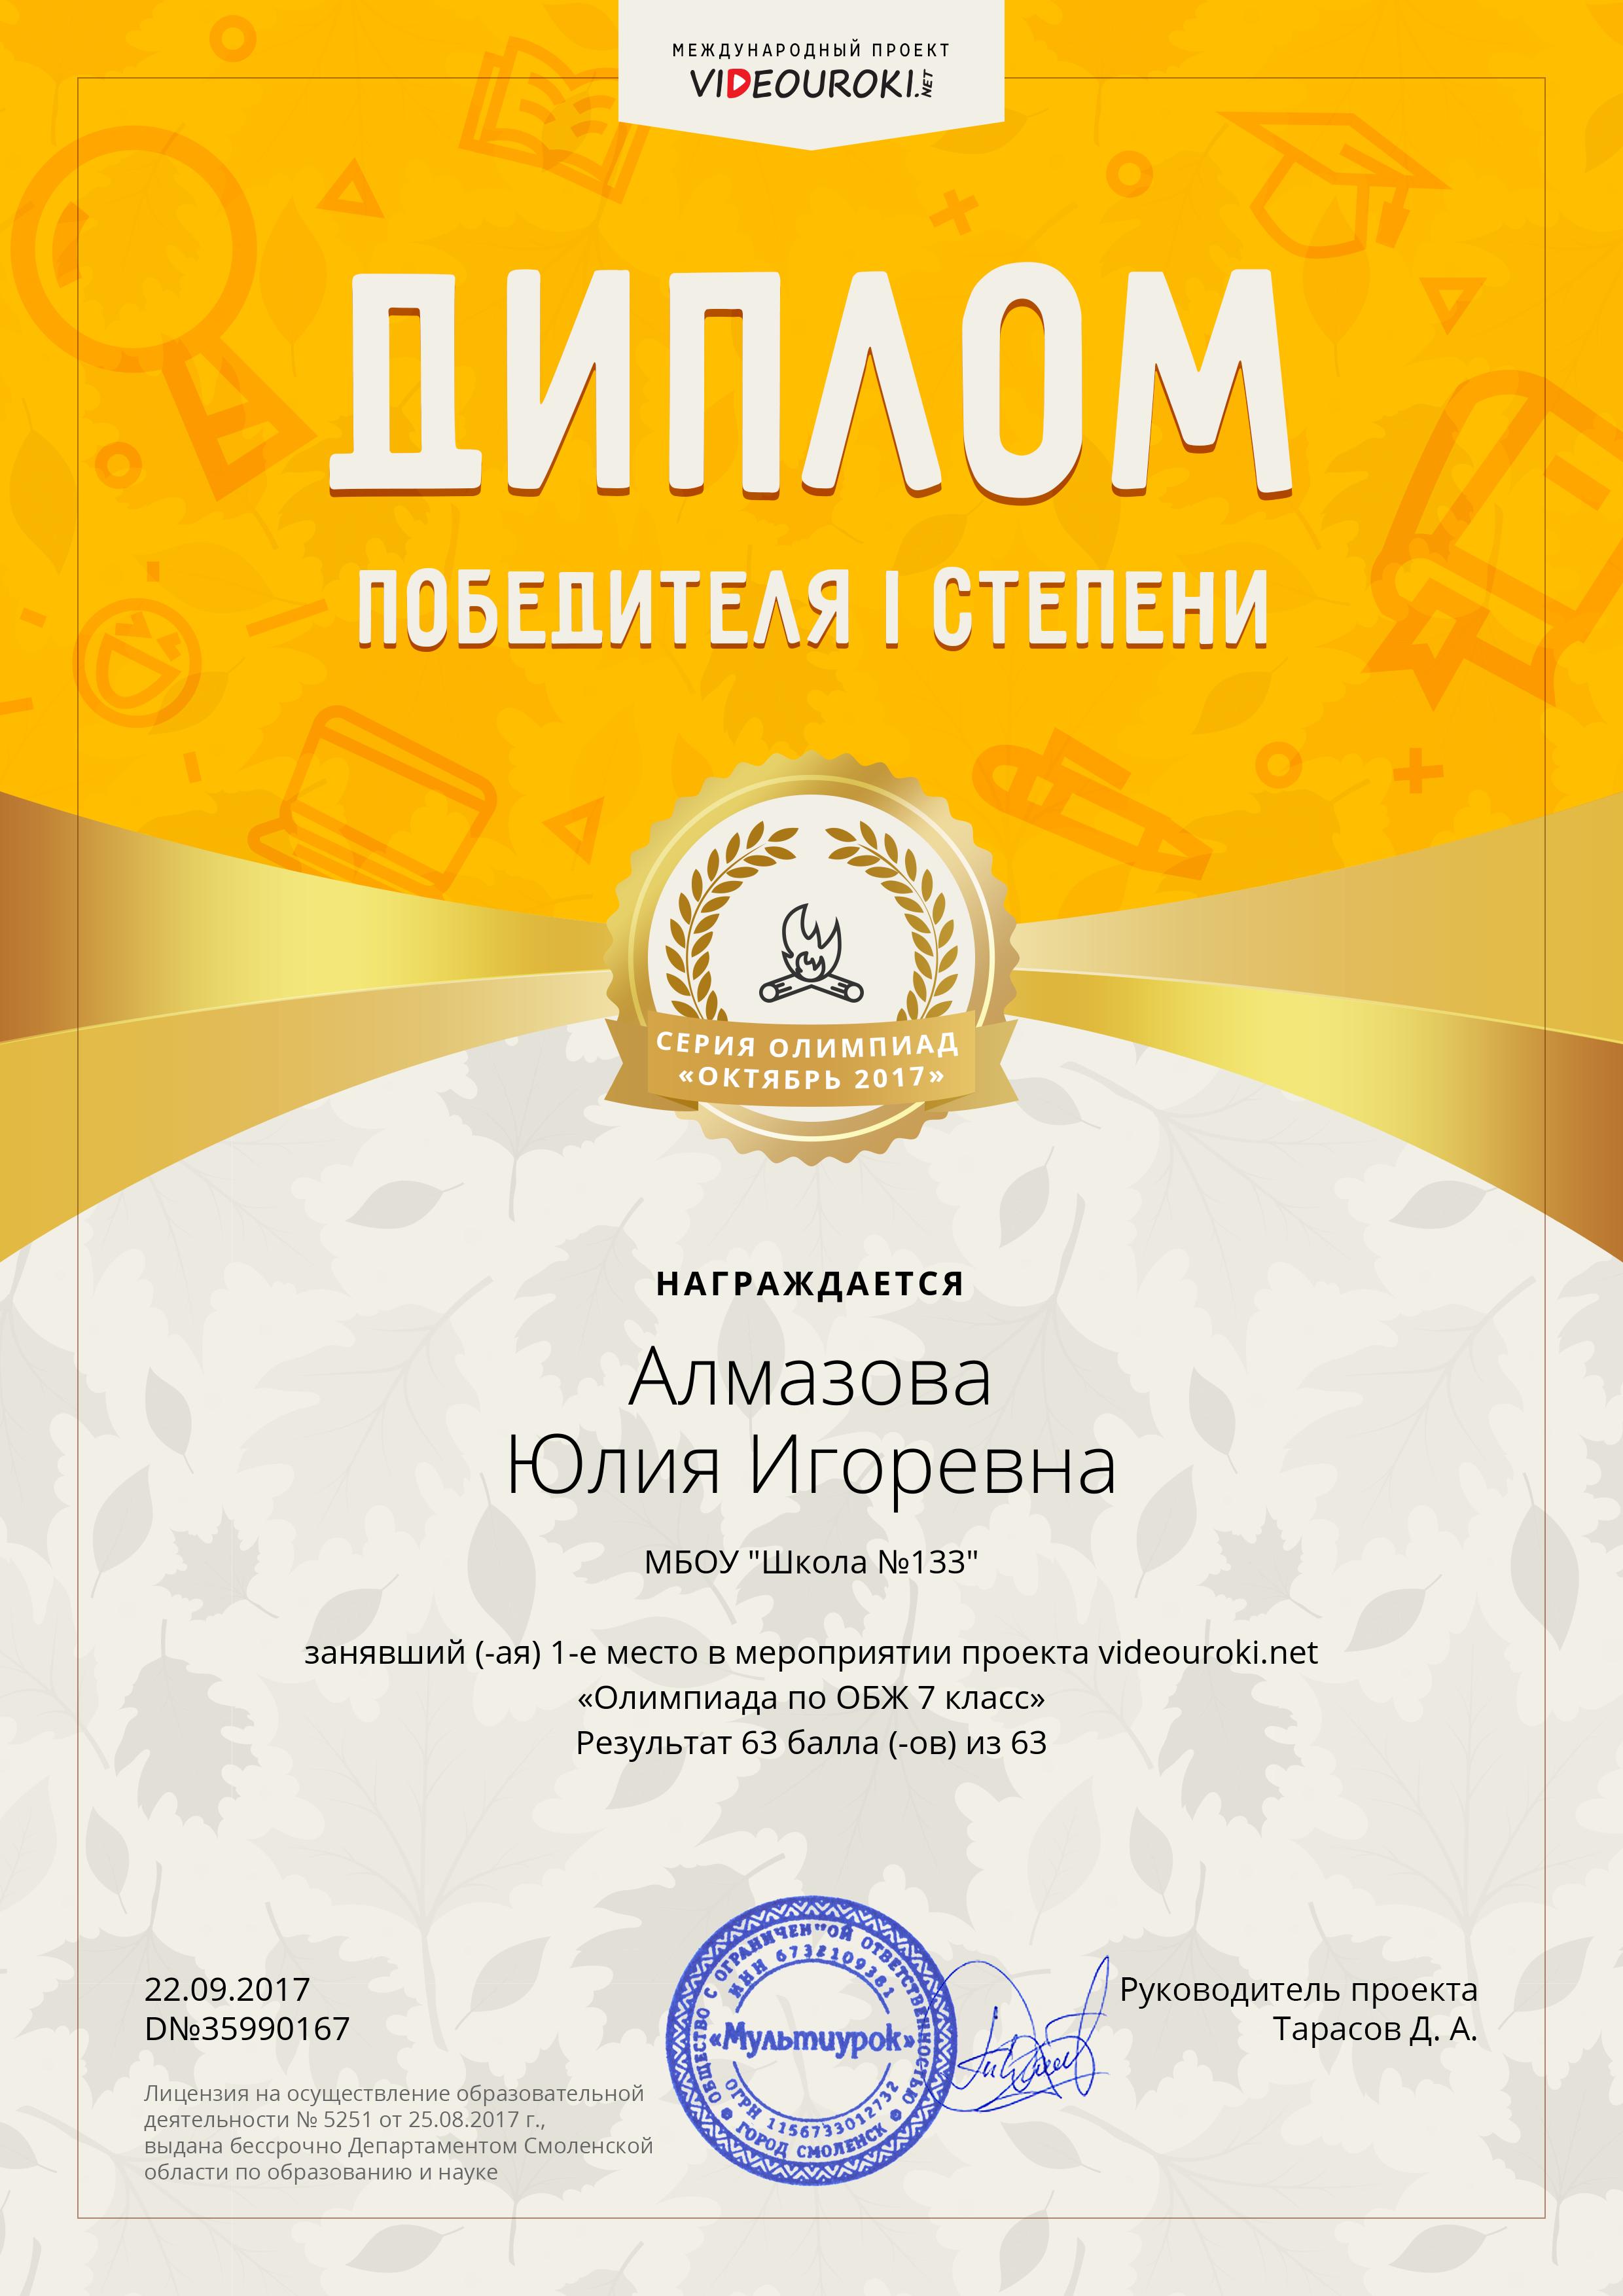 33791917. 35990167-Алмазова Юлия Игоревна.png